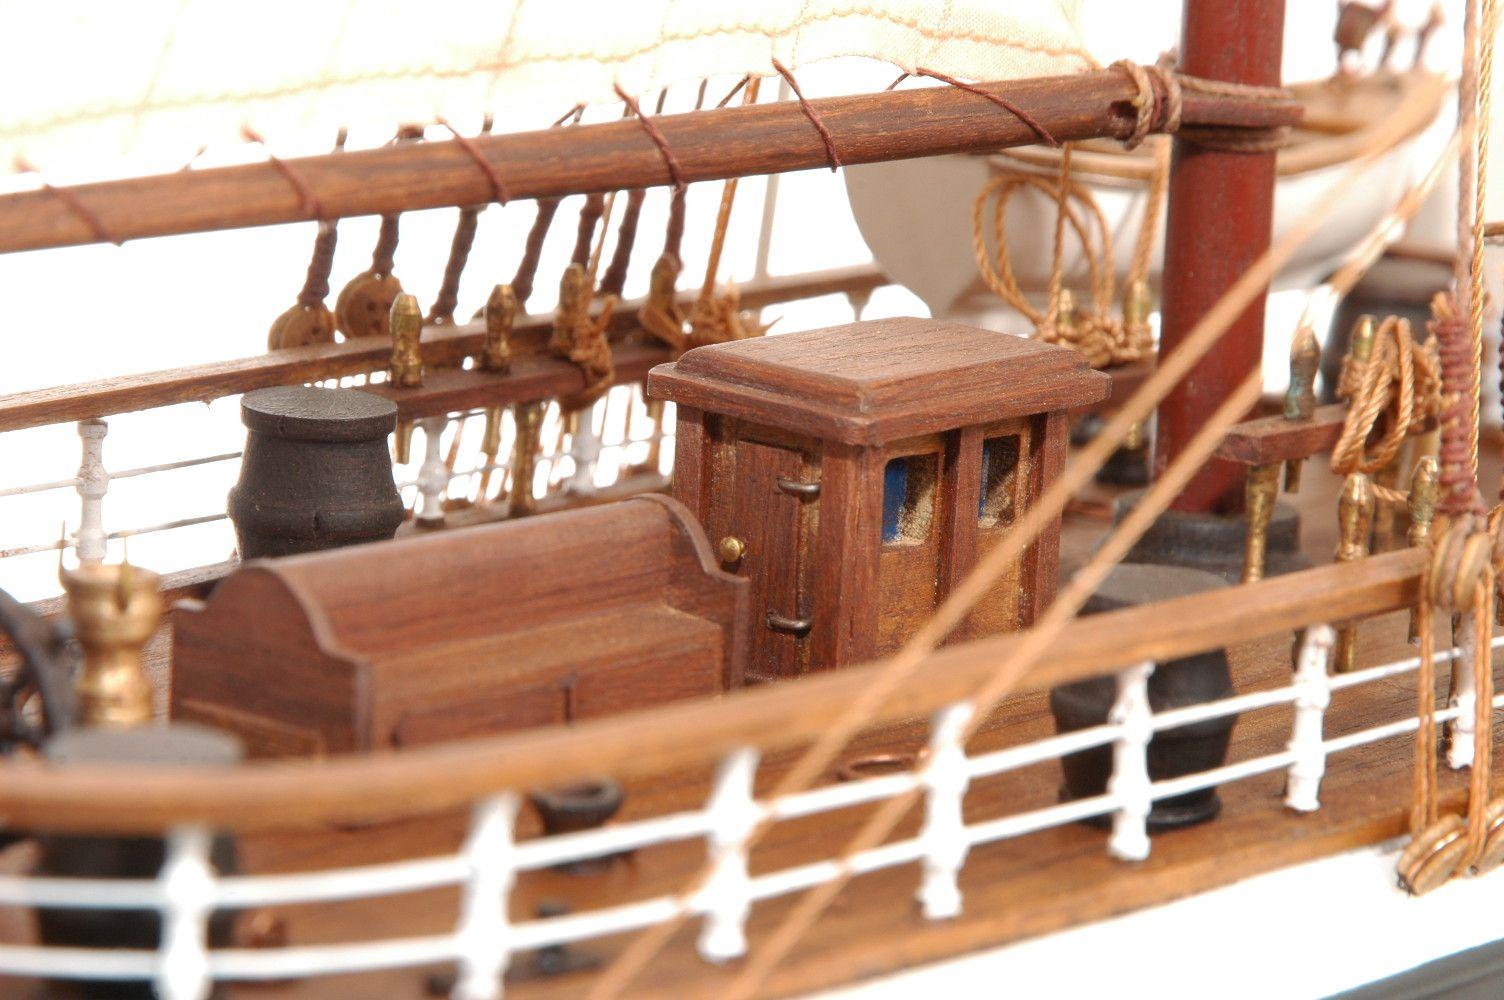 573-7232-Dunedin-Model-Ship-Premier-Range